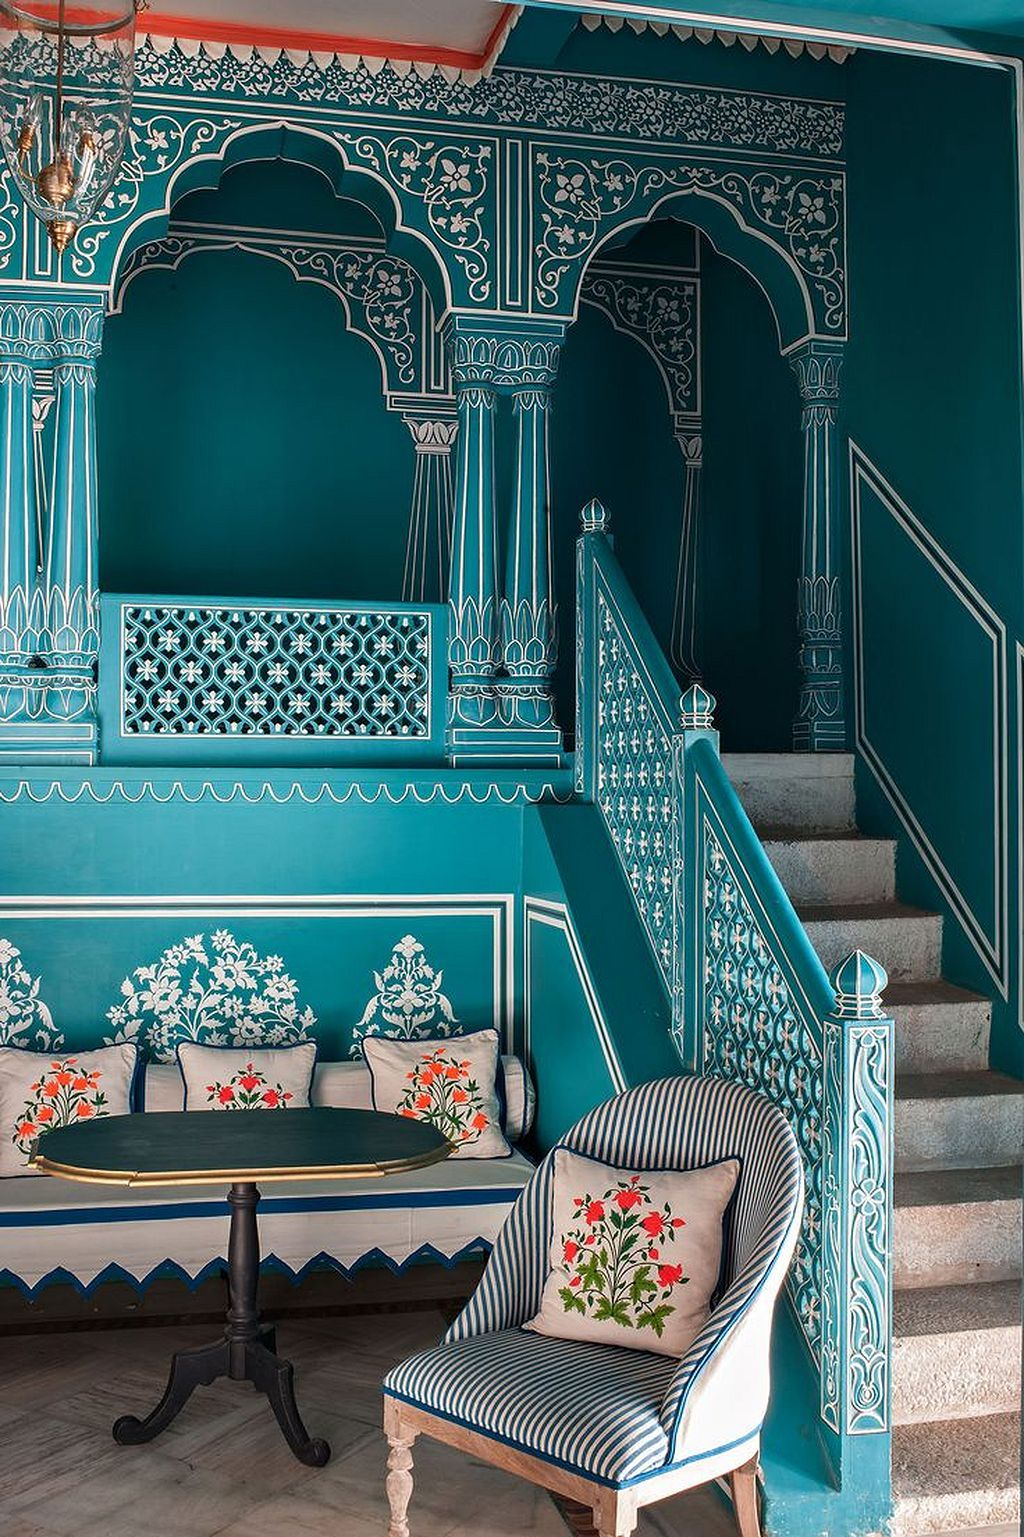 31 Blue Room Jaipur Interior Ideas in 2020 | Indian ...